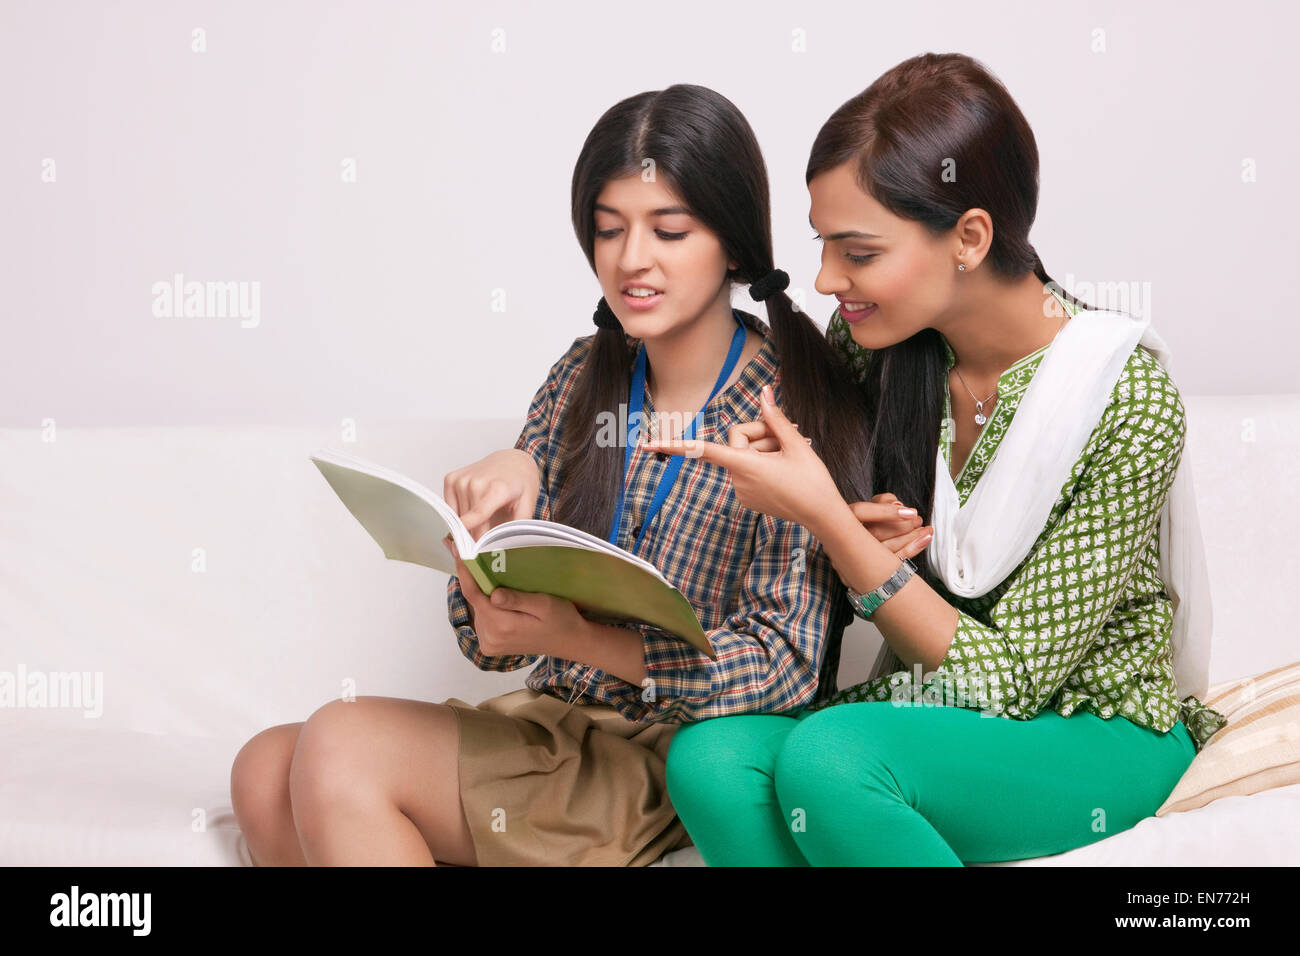 Elder sister teaching younger sister - Stock Image